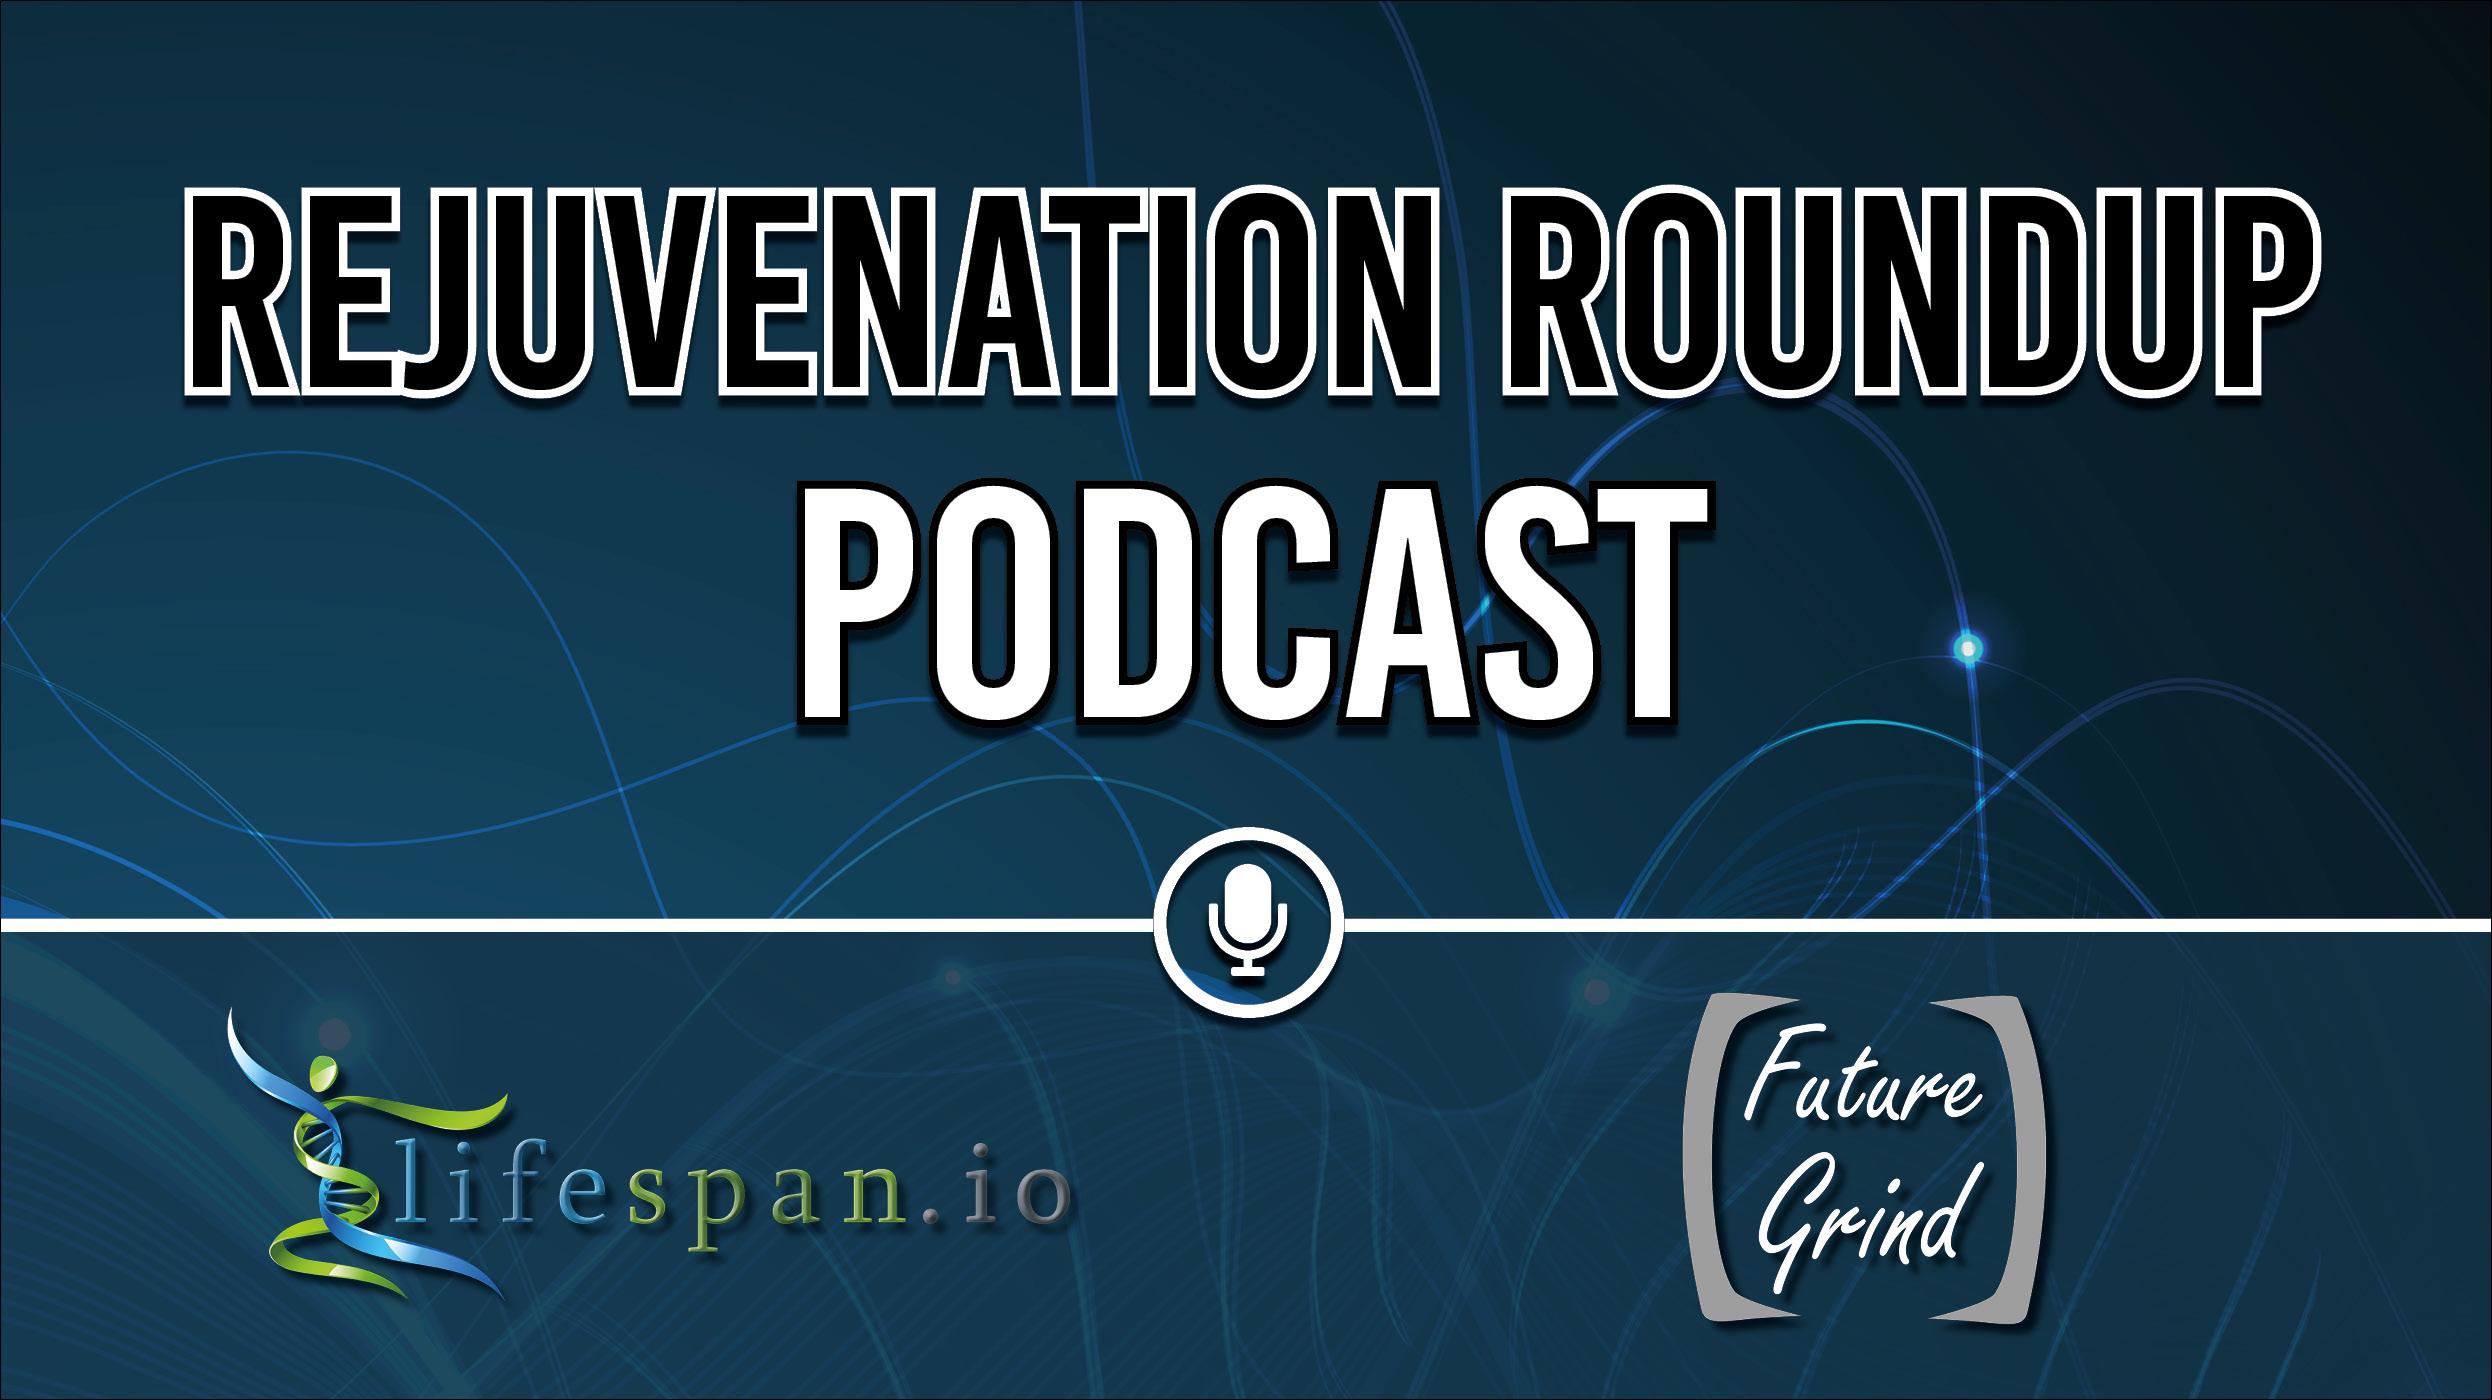 Rejuvenation Roundup Podcast_WIDE.jpg